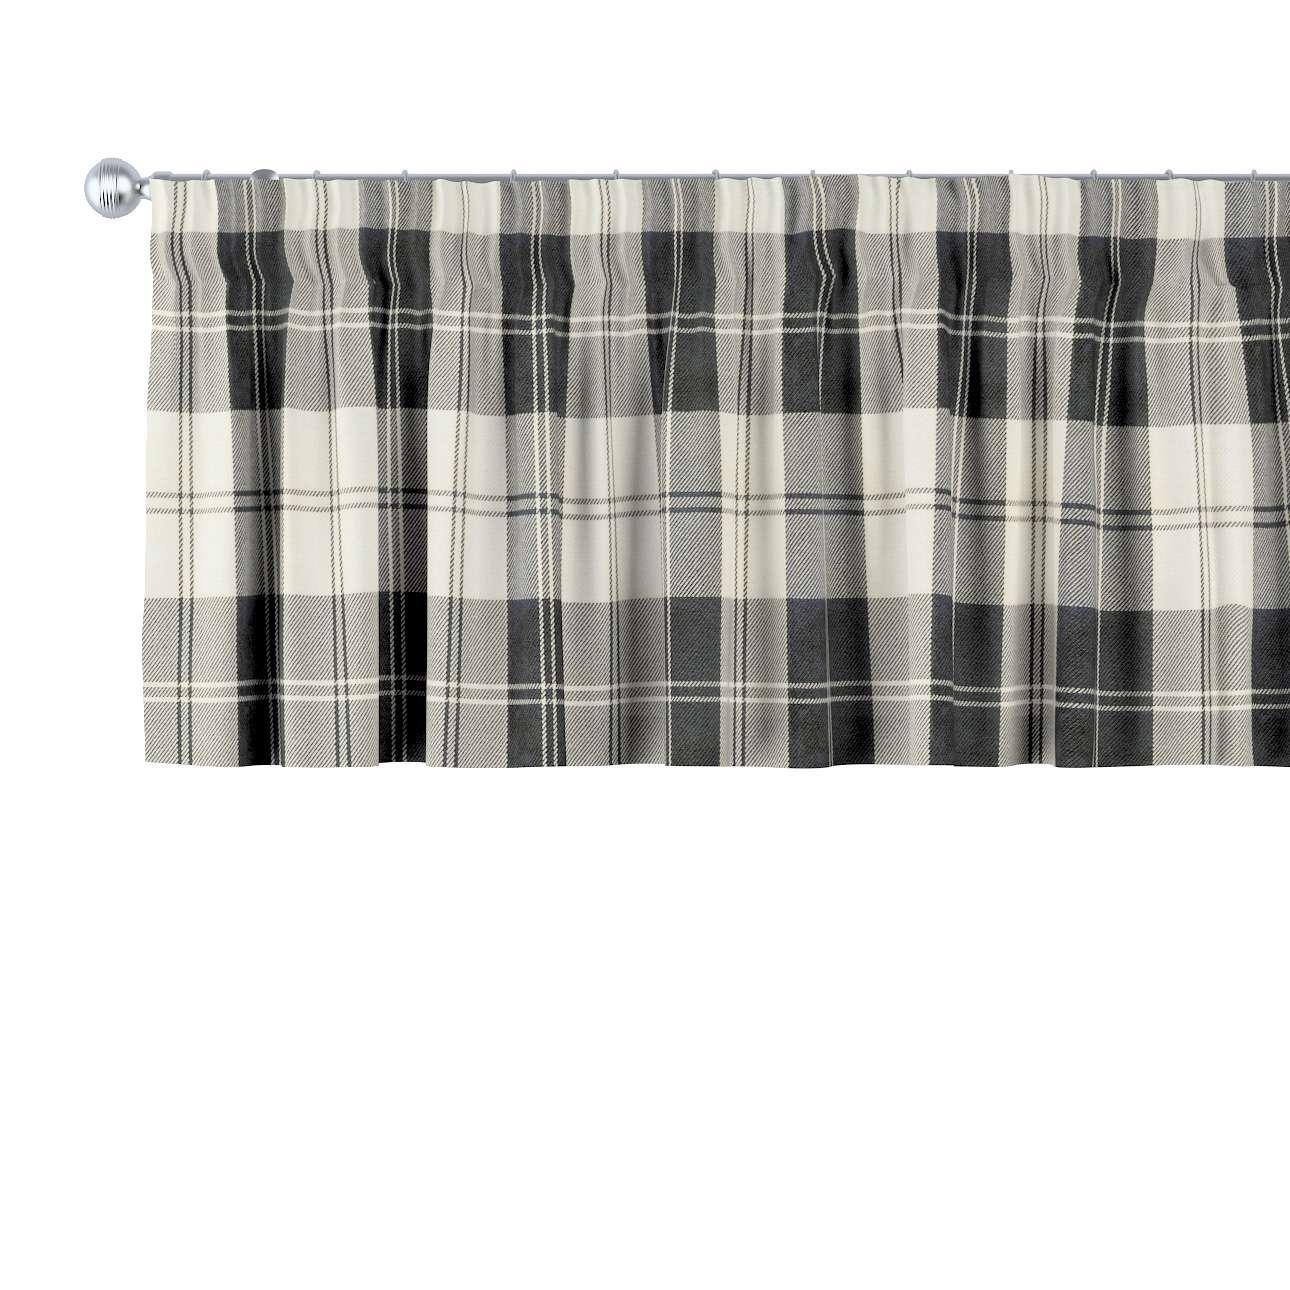 Gardinkappe med rynkebånd 130 x 40 cm fra kollektionen Edinburgh, Stof: 115-74